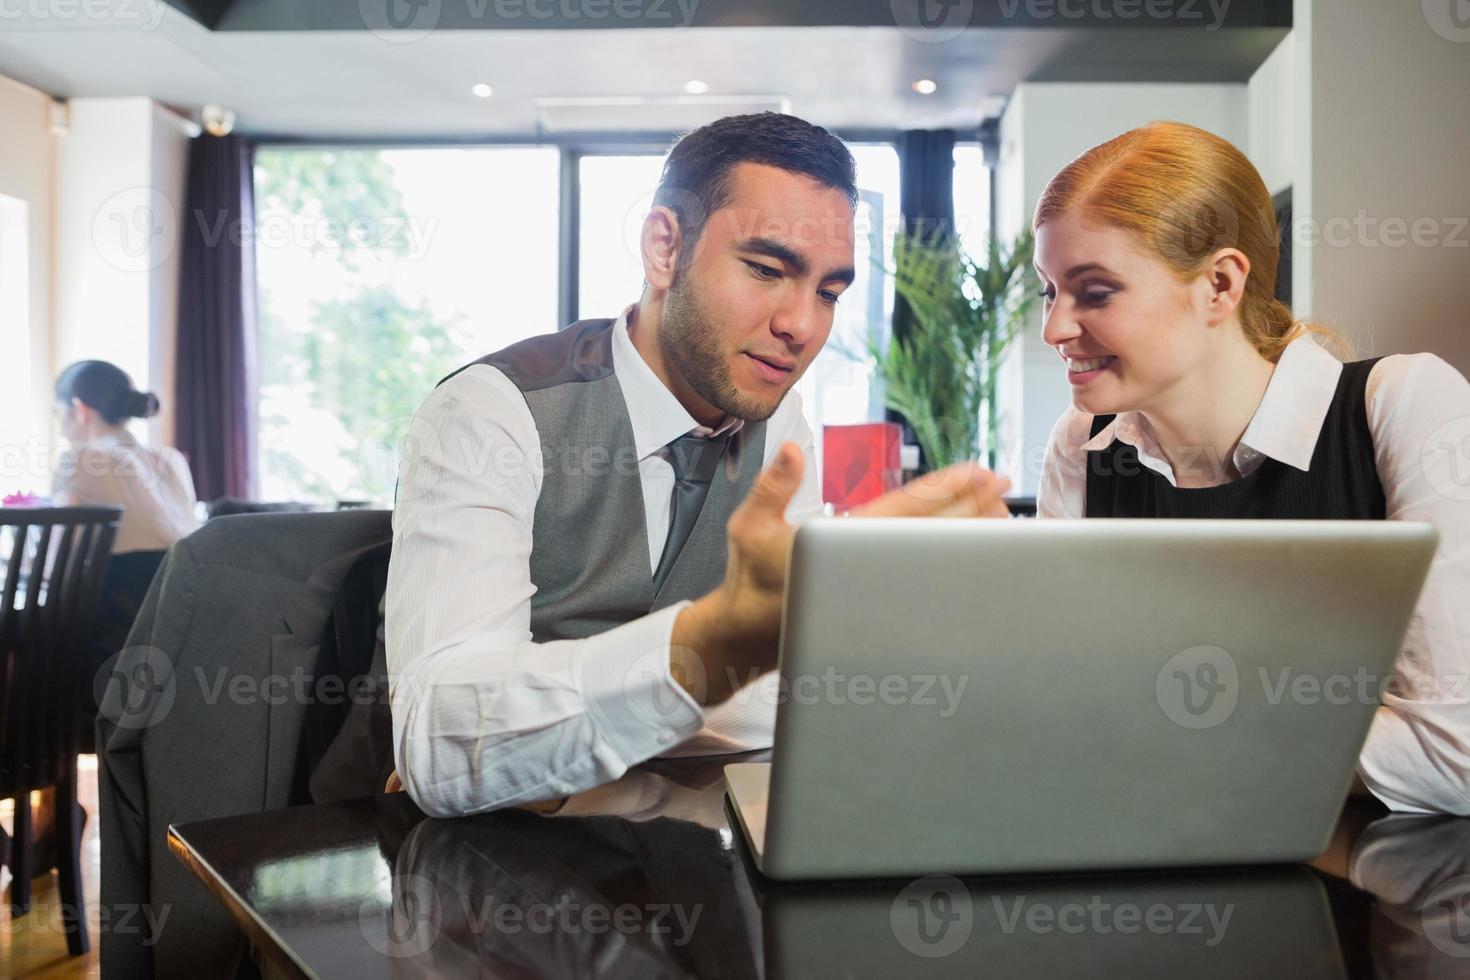 twee mensen uit het bedrijfsleven in een restaurant samen te werken foto